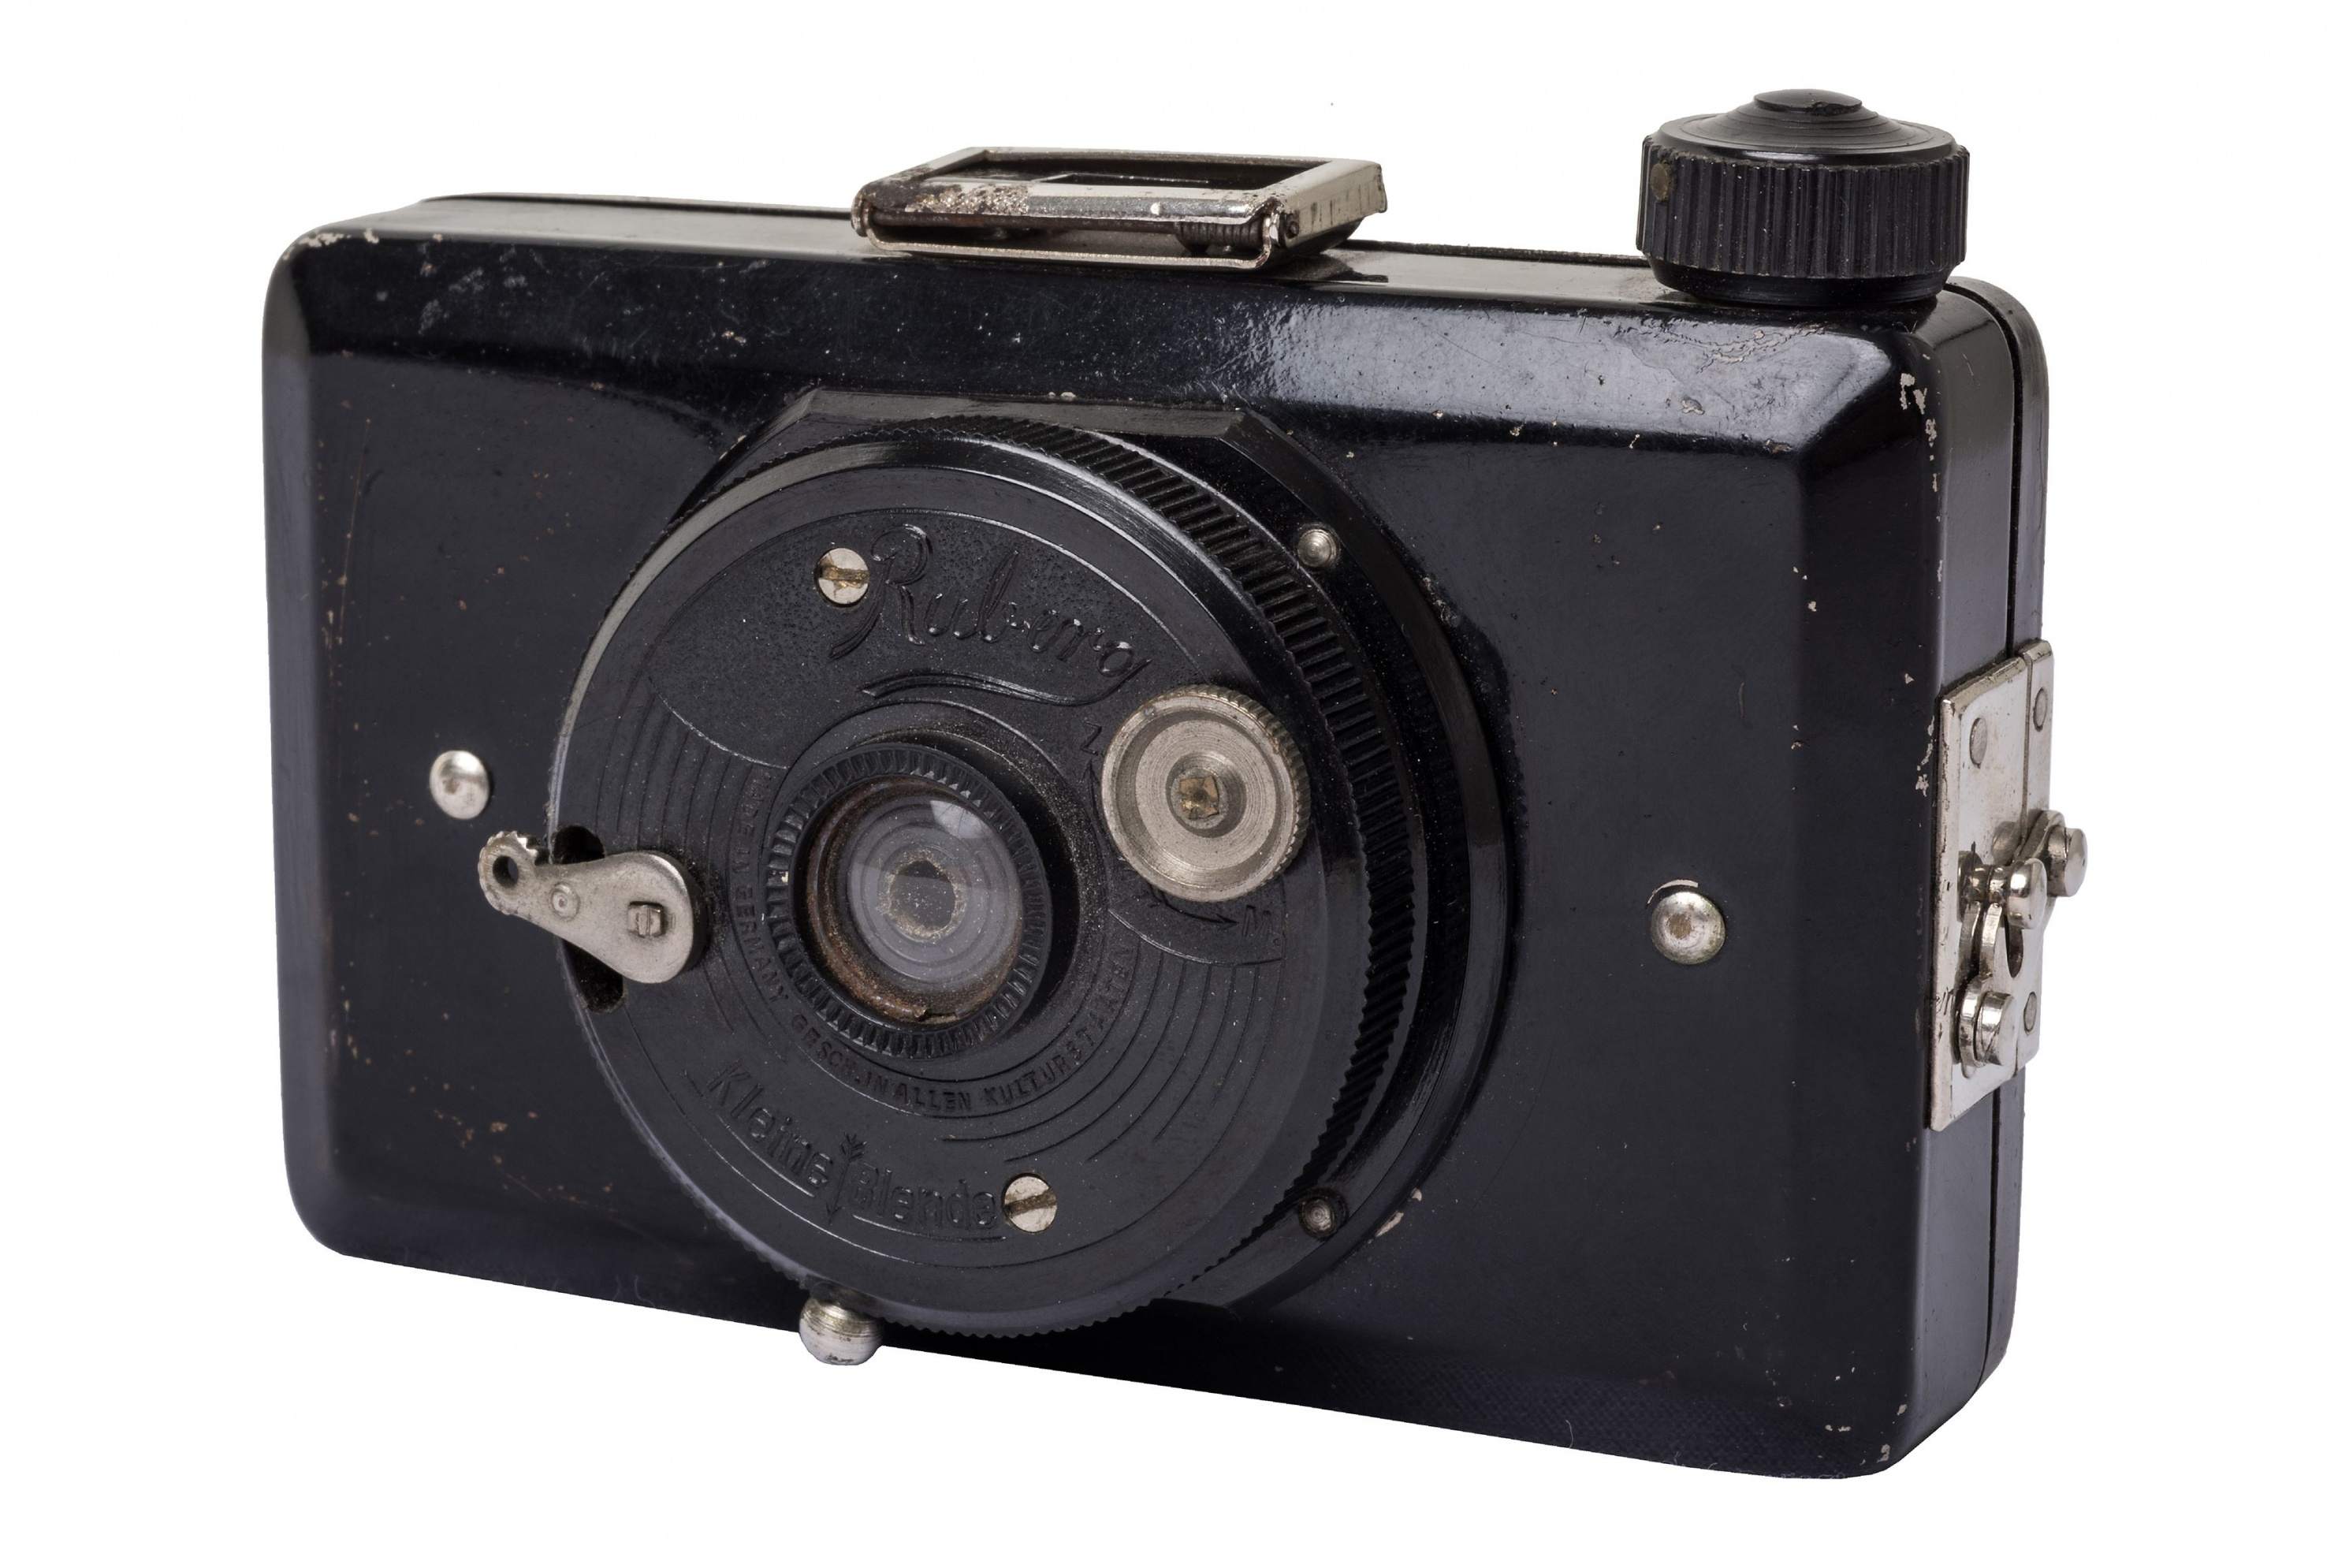 Rollfilm-Kamera von Ruberg & Renner